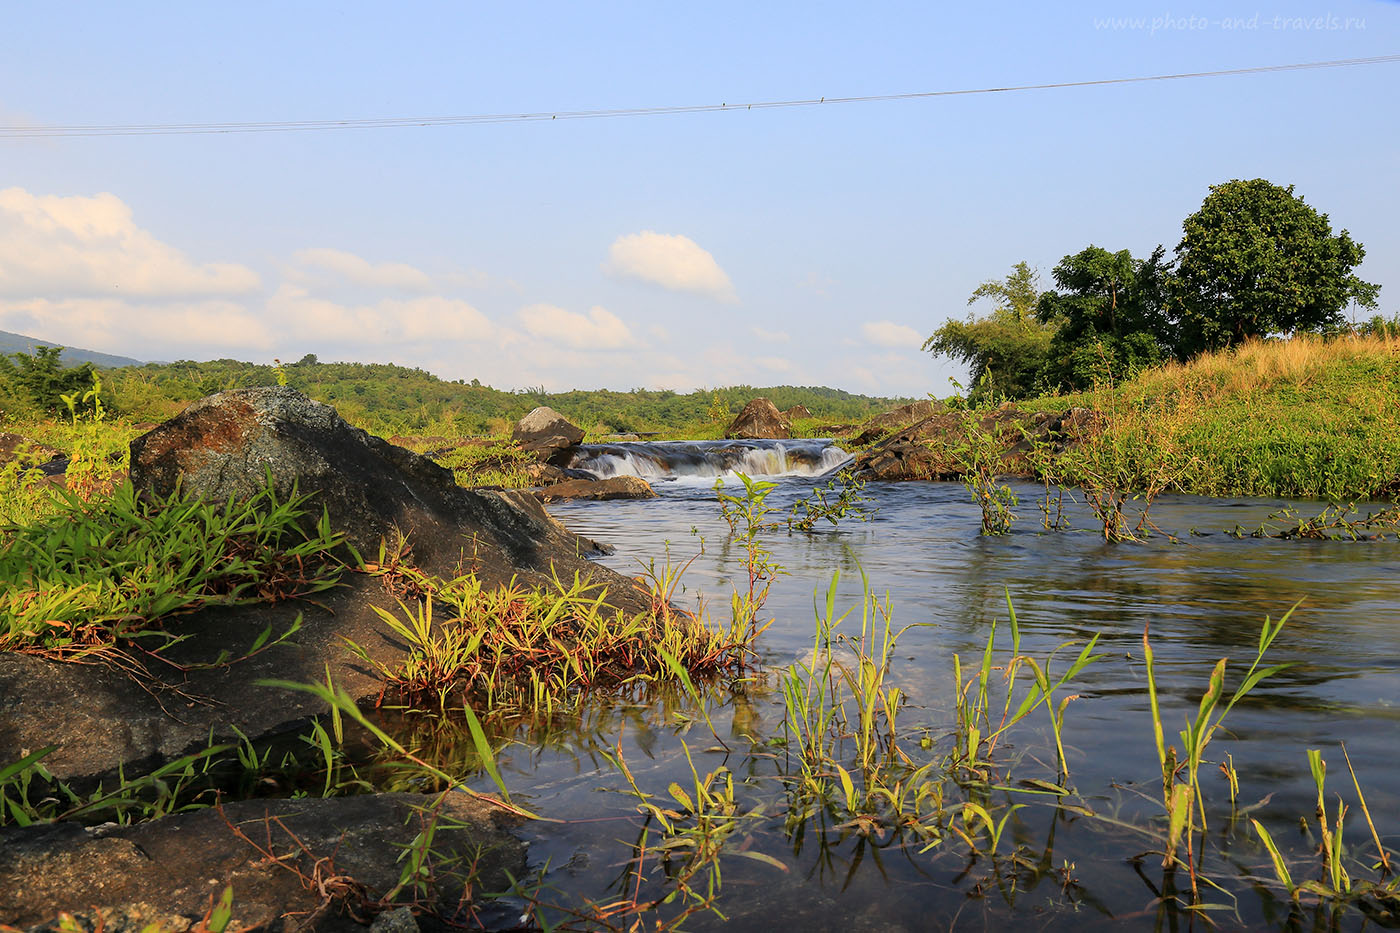 Фото 23. Перекат на Chapoli Dam. Самостоятельный тур в Индию. Экскурсии во время отдыха на Гоа (24-70, 1/13, 0eV, f22, 24mm, ISO 100, фильтр – ND-4)